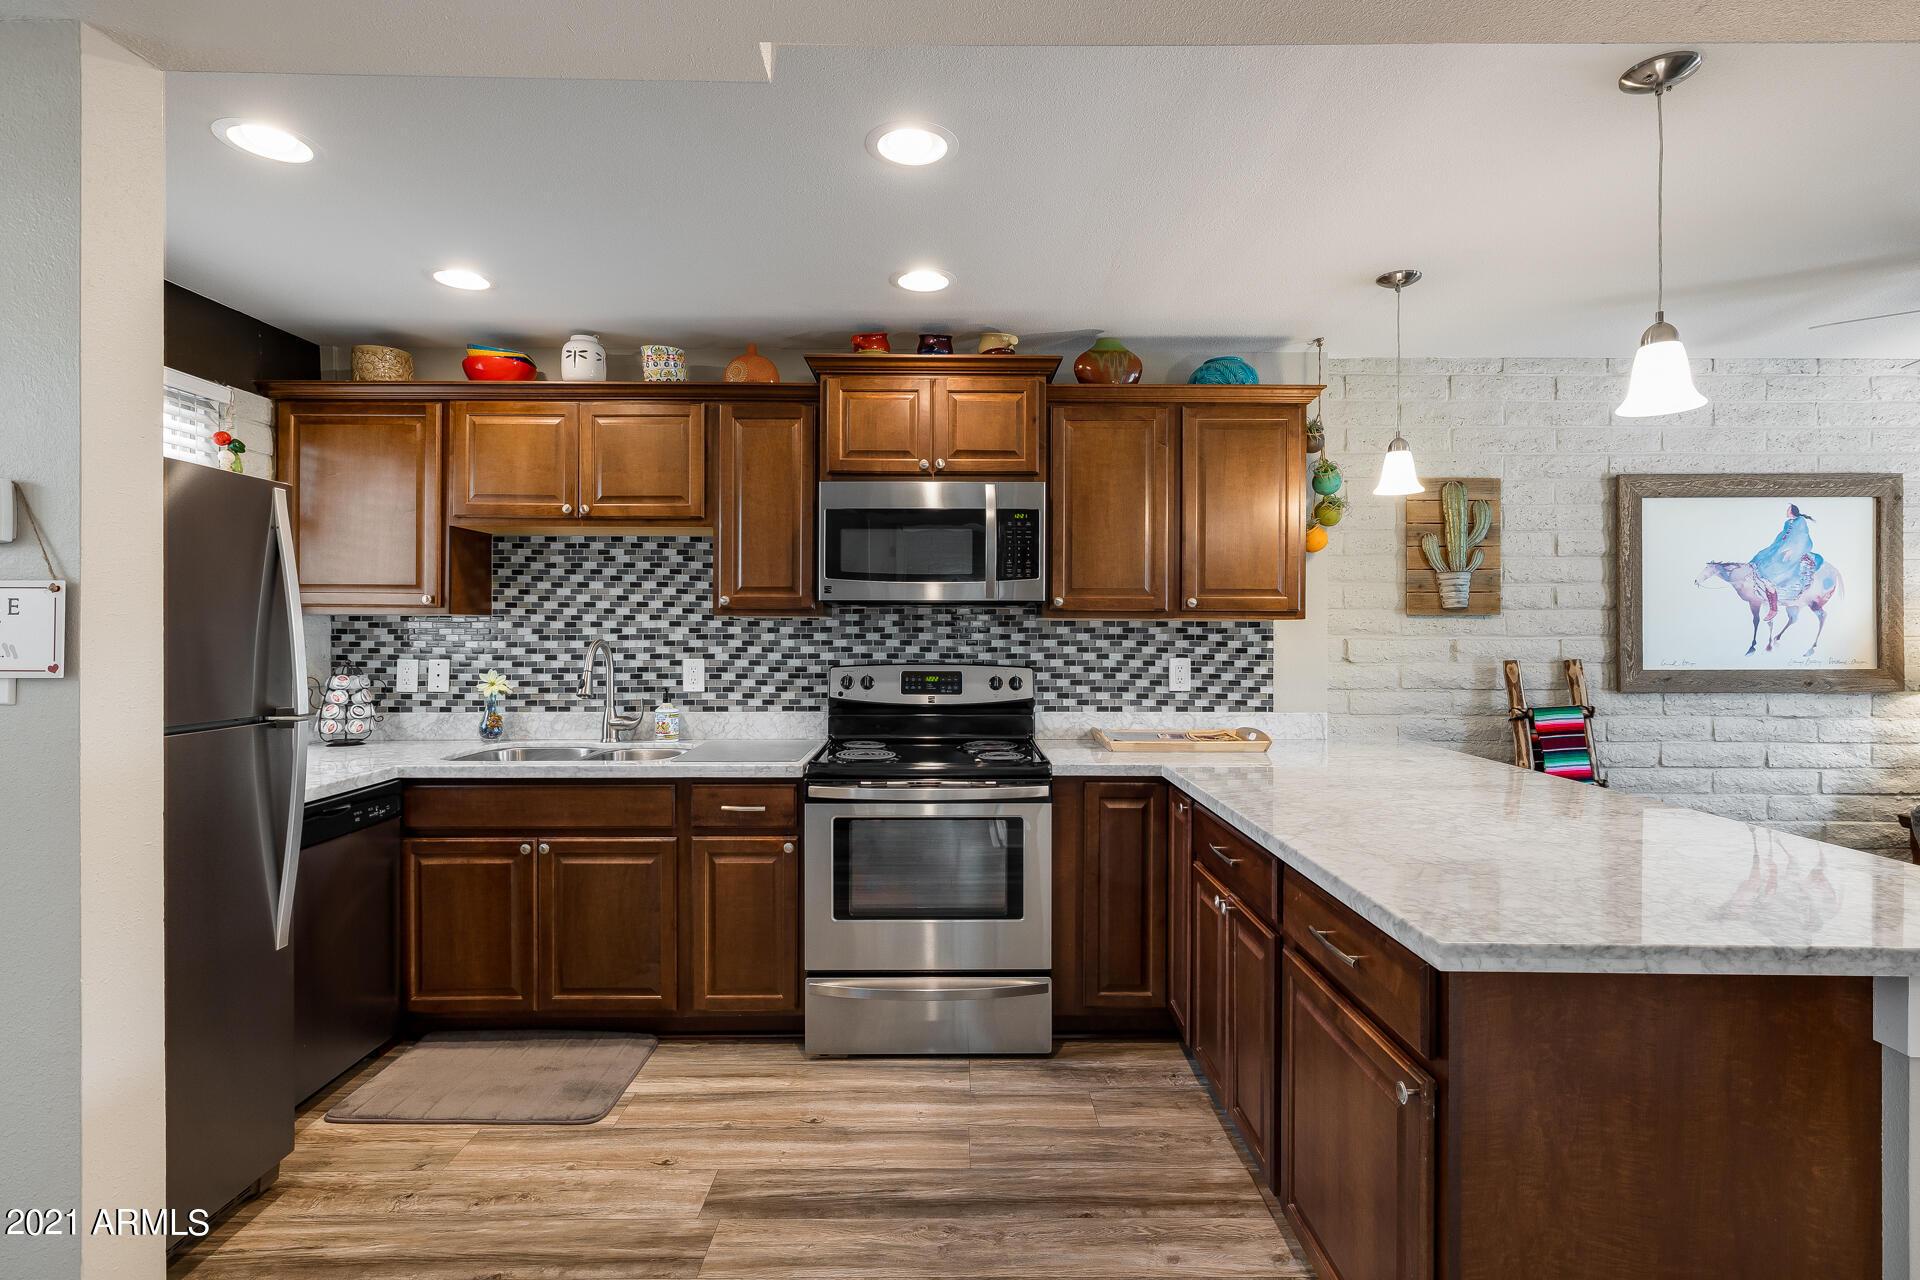 Photo #10: Kitchen